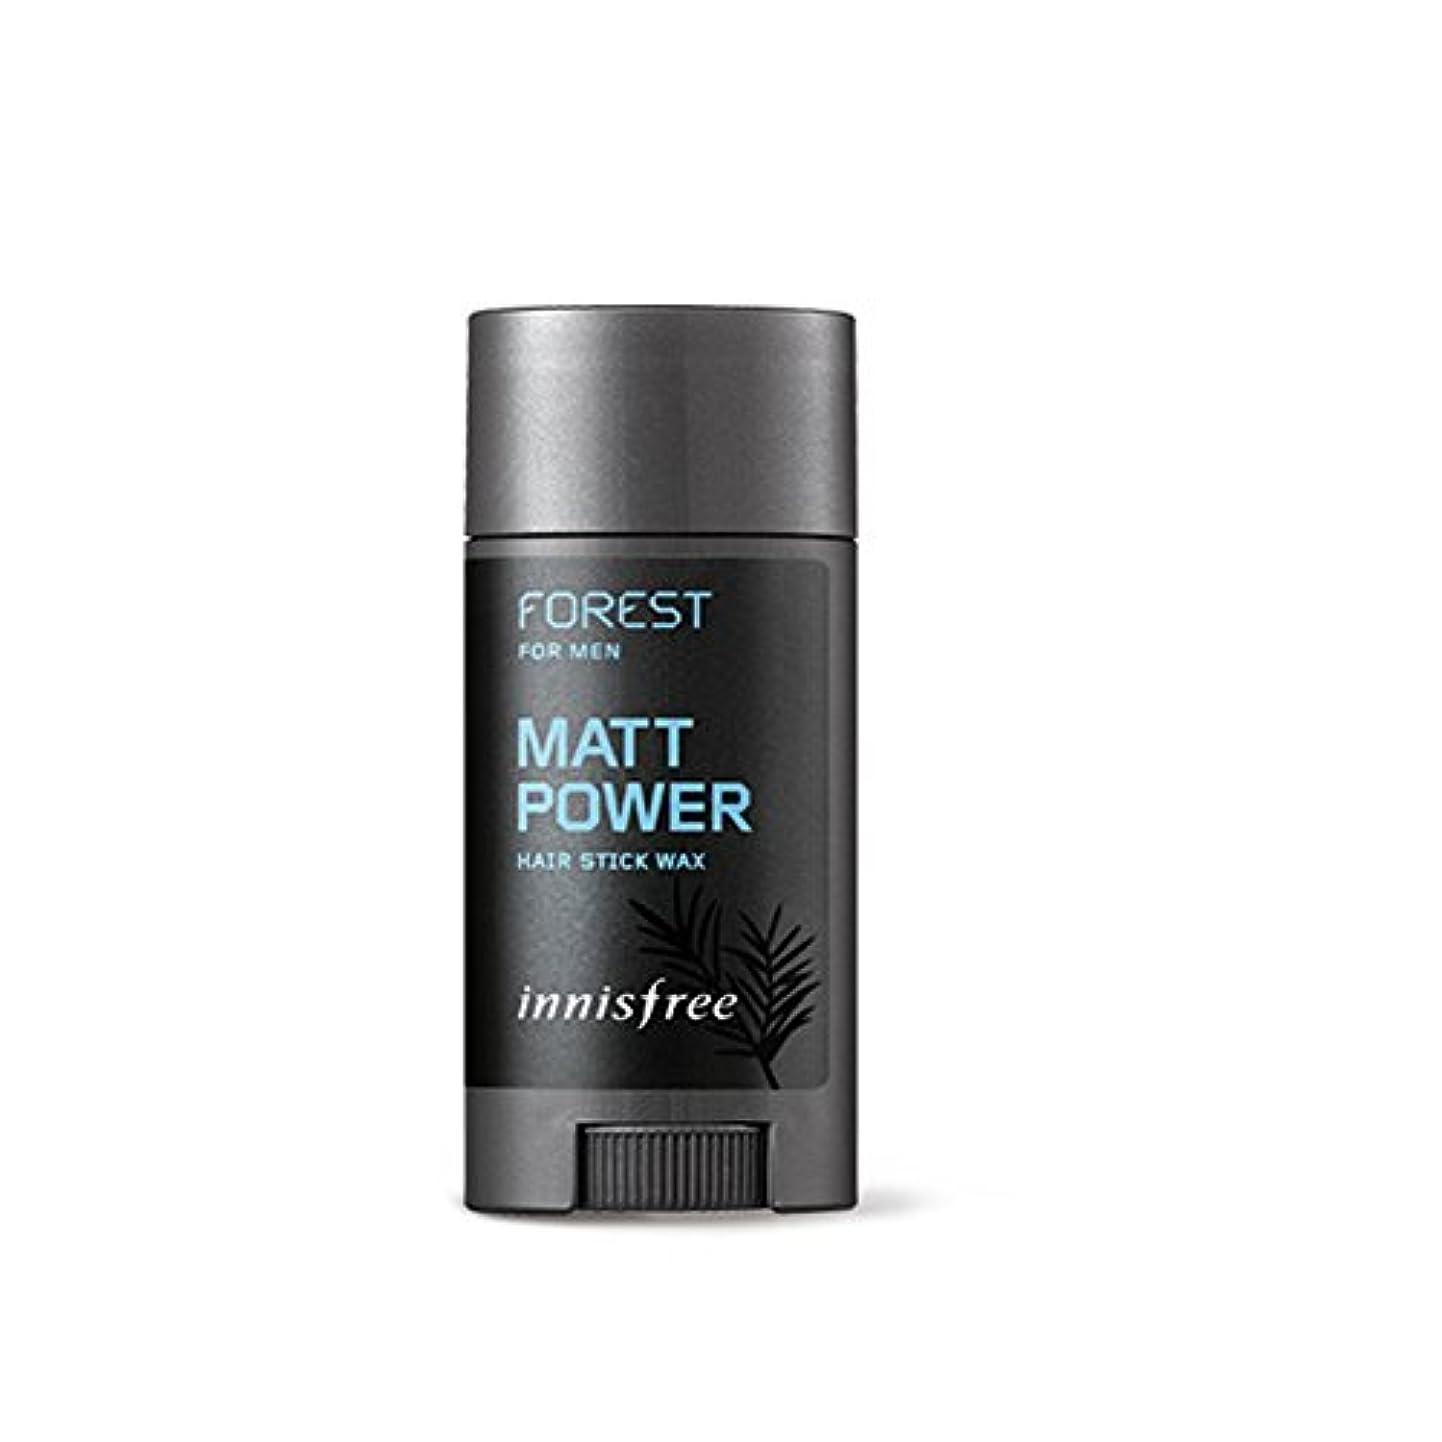 挑発する健全リンクイニスフリーフォレストメンズヘアスティックワックス、マットパワー15g / Innisfree Forest for Men Hair Stick Wax, Matt Power 15g [並行輸入品][海外直送品]